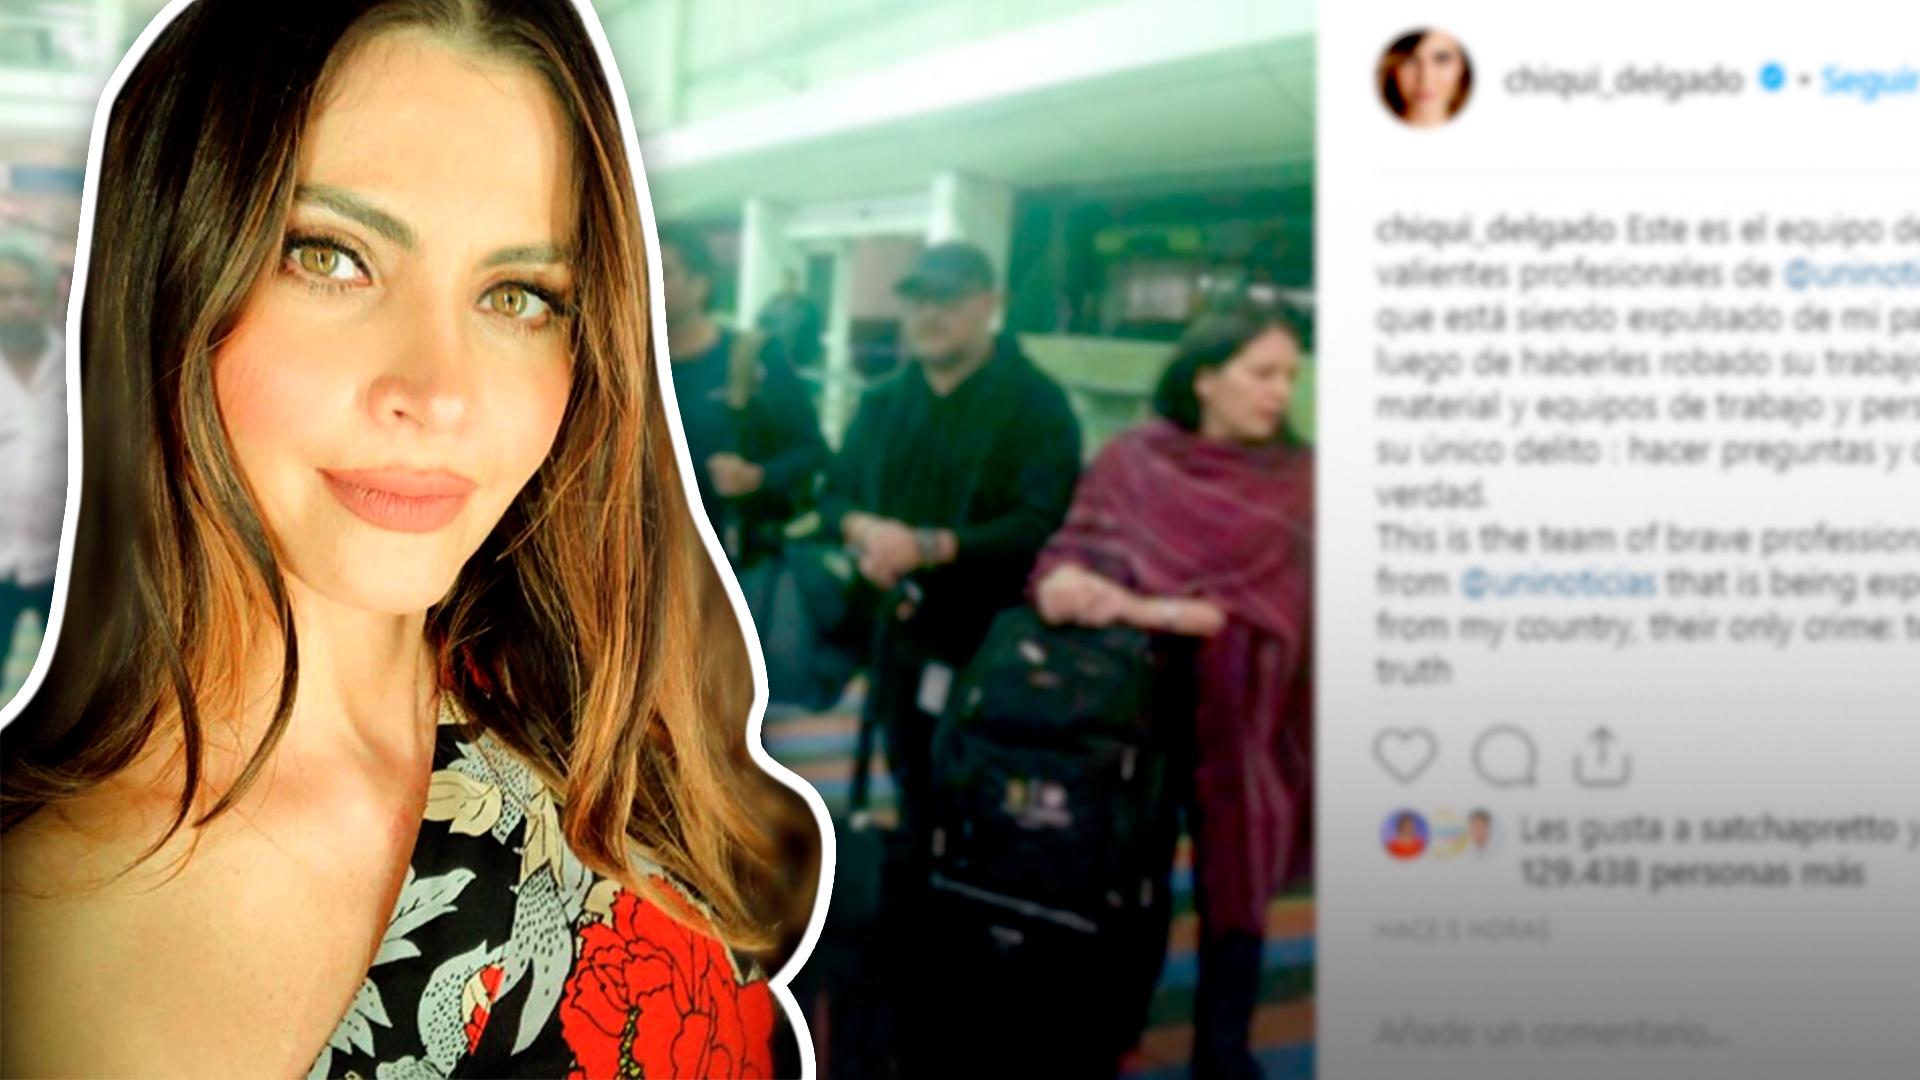 Chiquinquirá Delgado reacciona a la detención de Jorge Ramos y el equipo de Univision Noticias en Venezuela